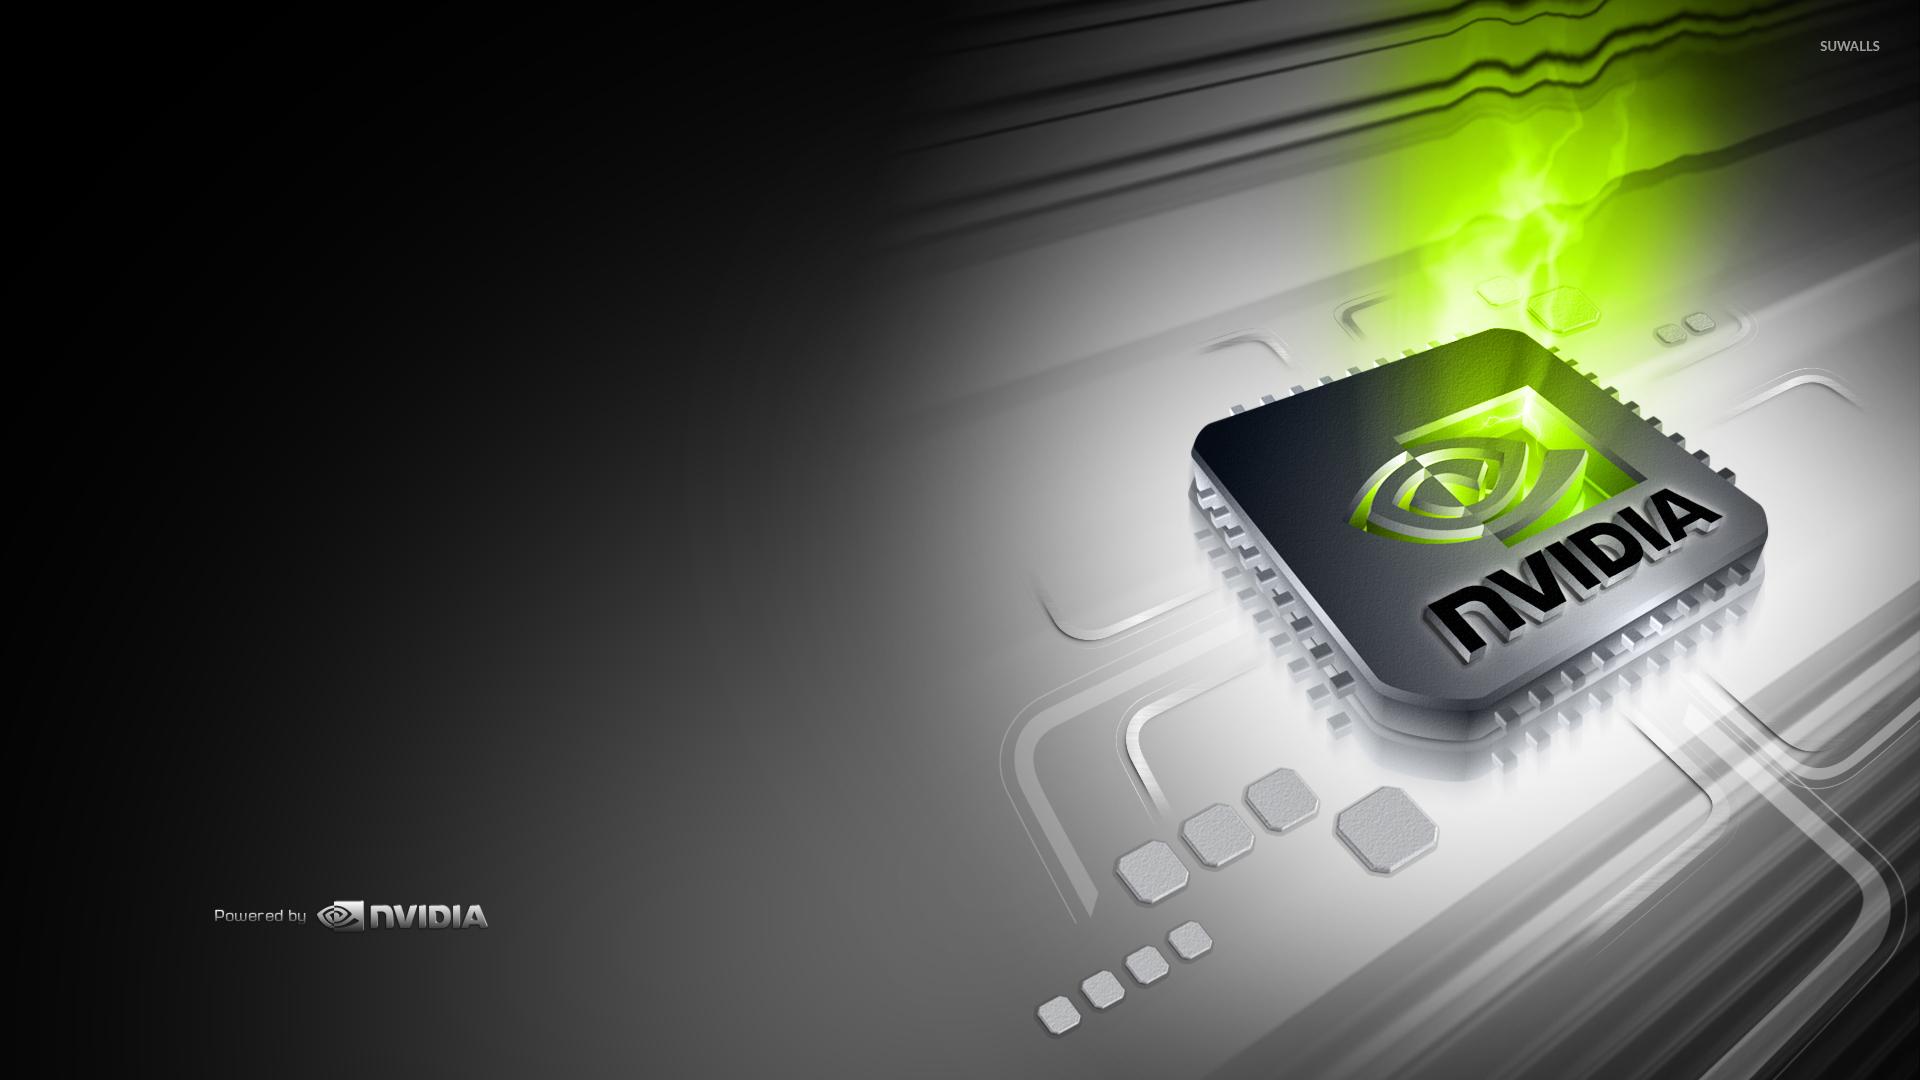 Nvidia Sli 2 Wallpaper Computer Wallpapers 11486